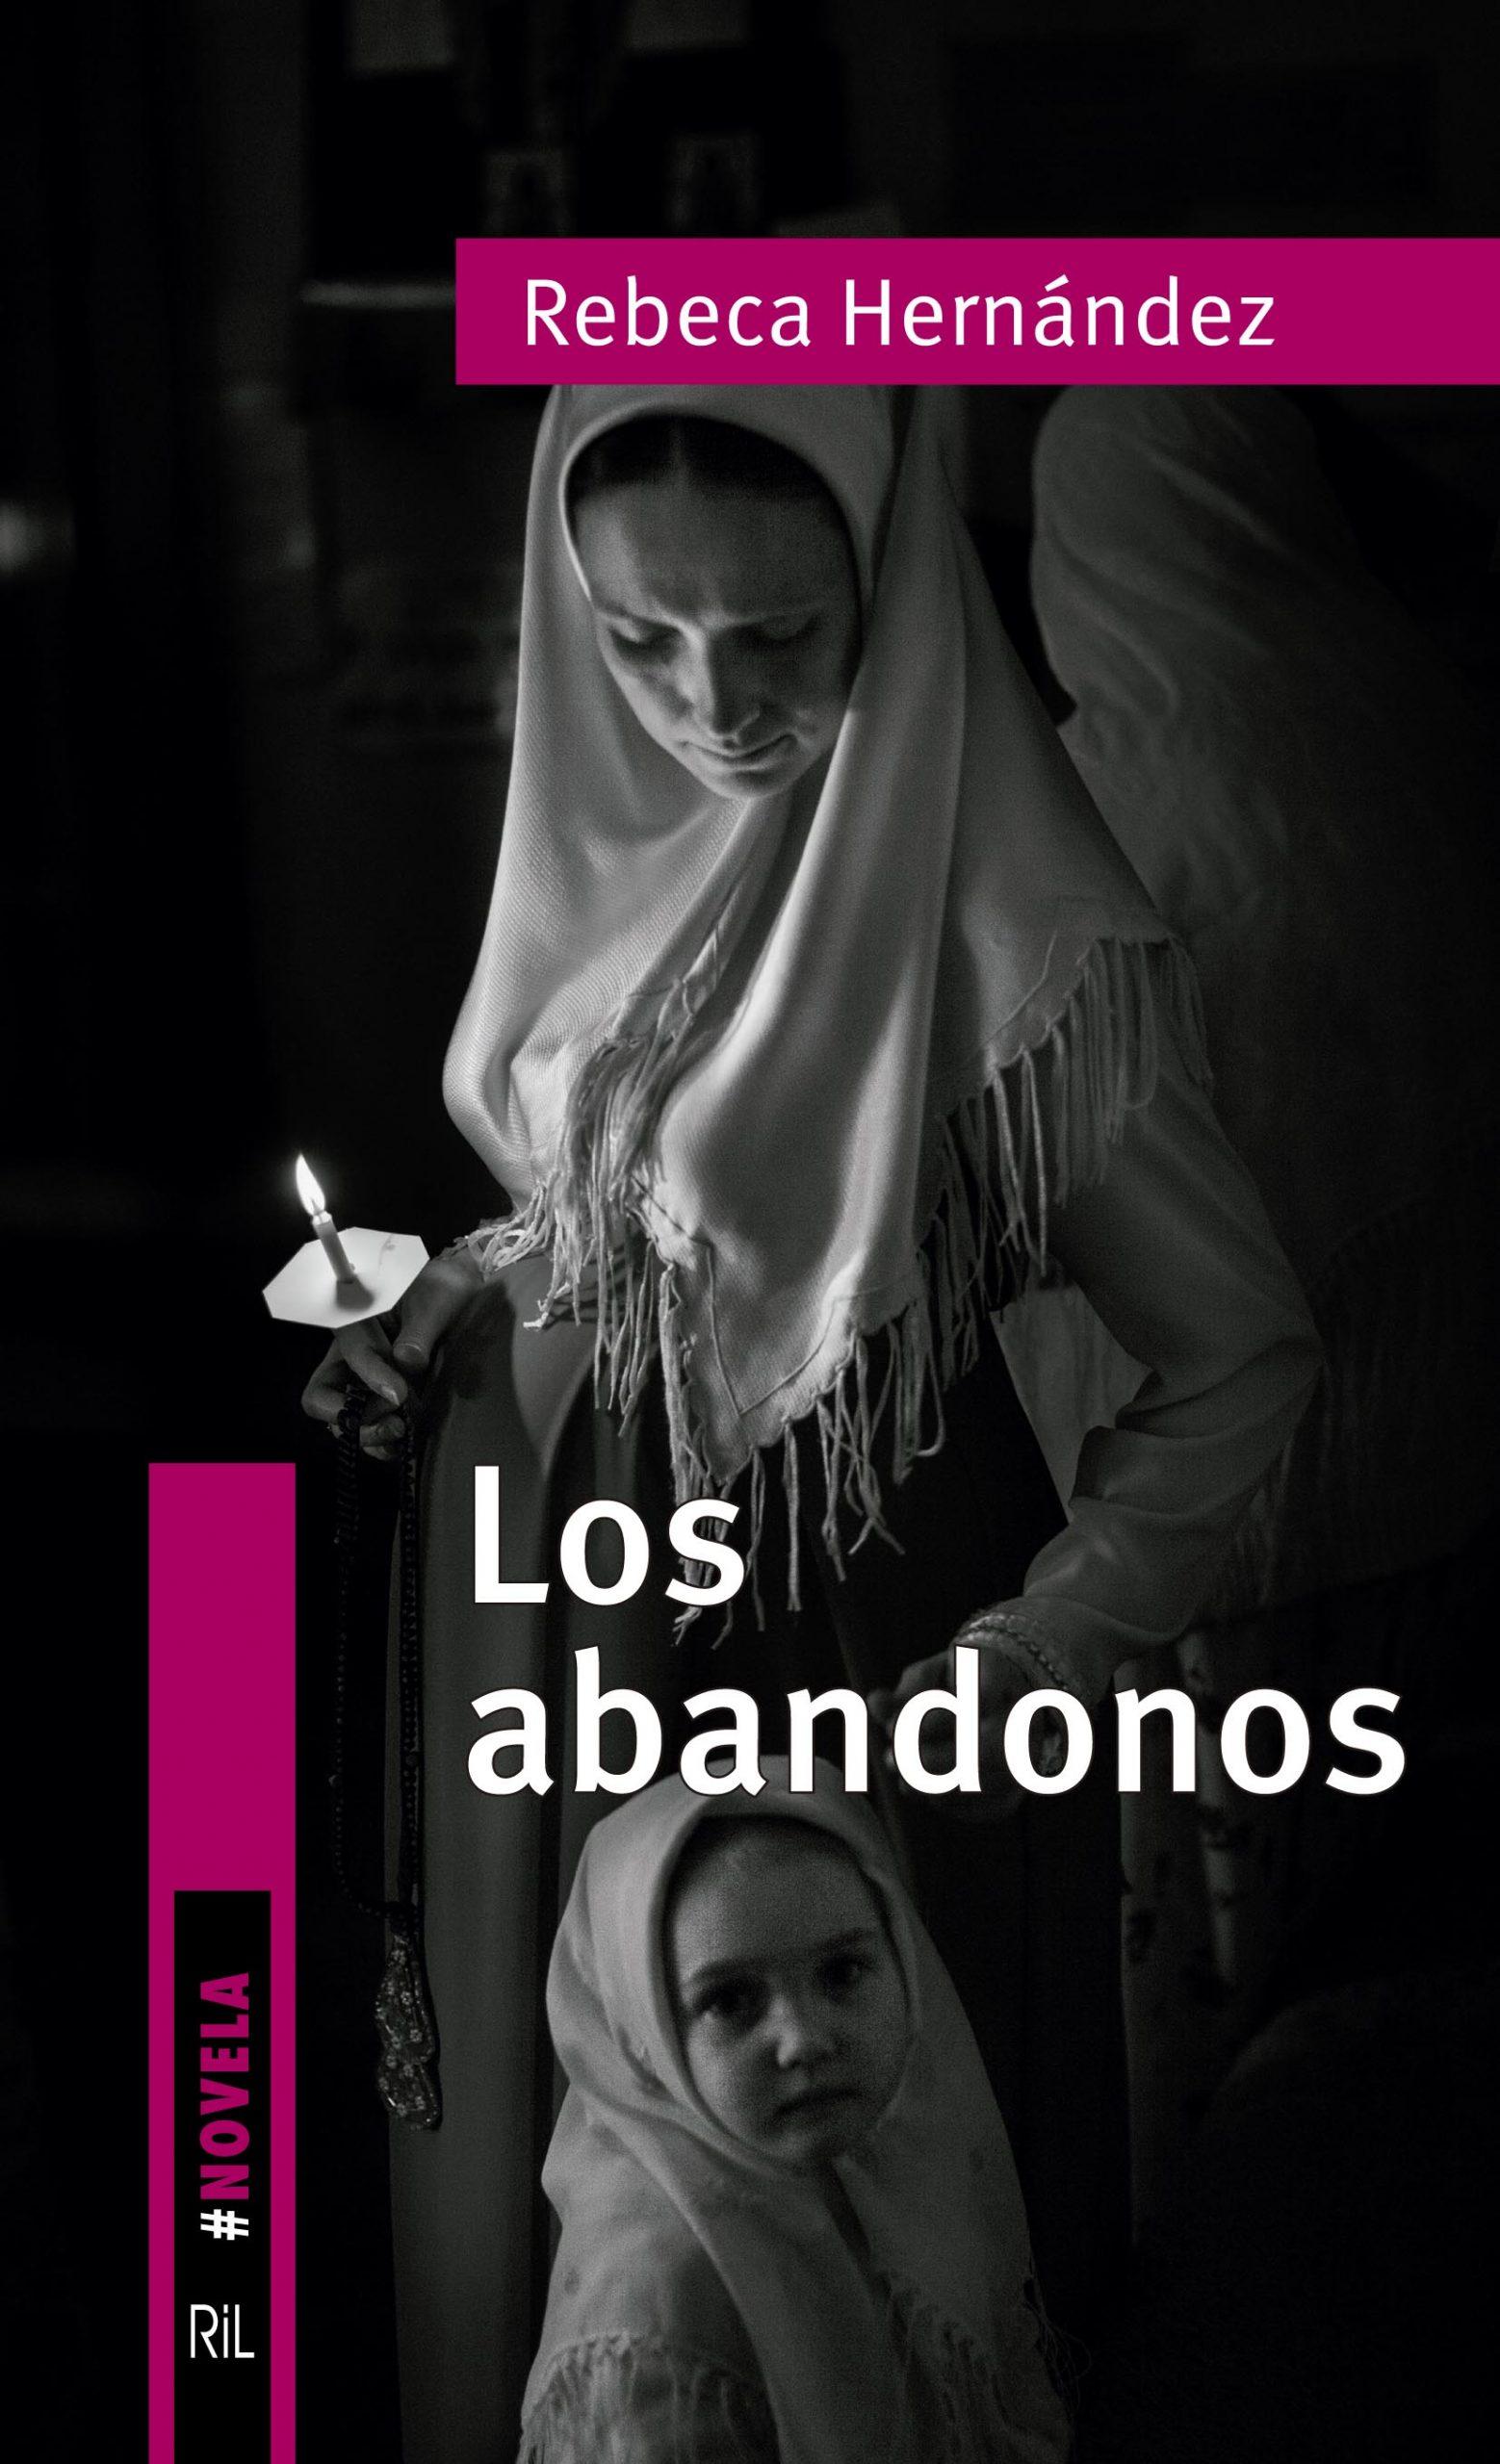 9788418065262 - Hernández, Rebeca - 2021 - Los abandonos-1